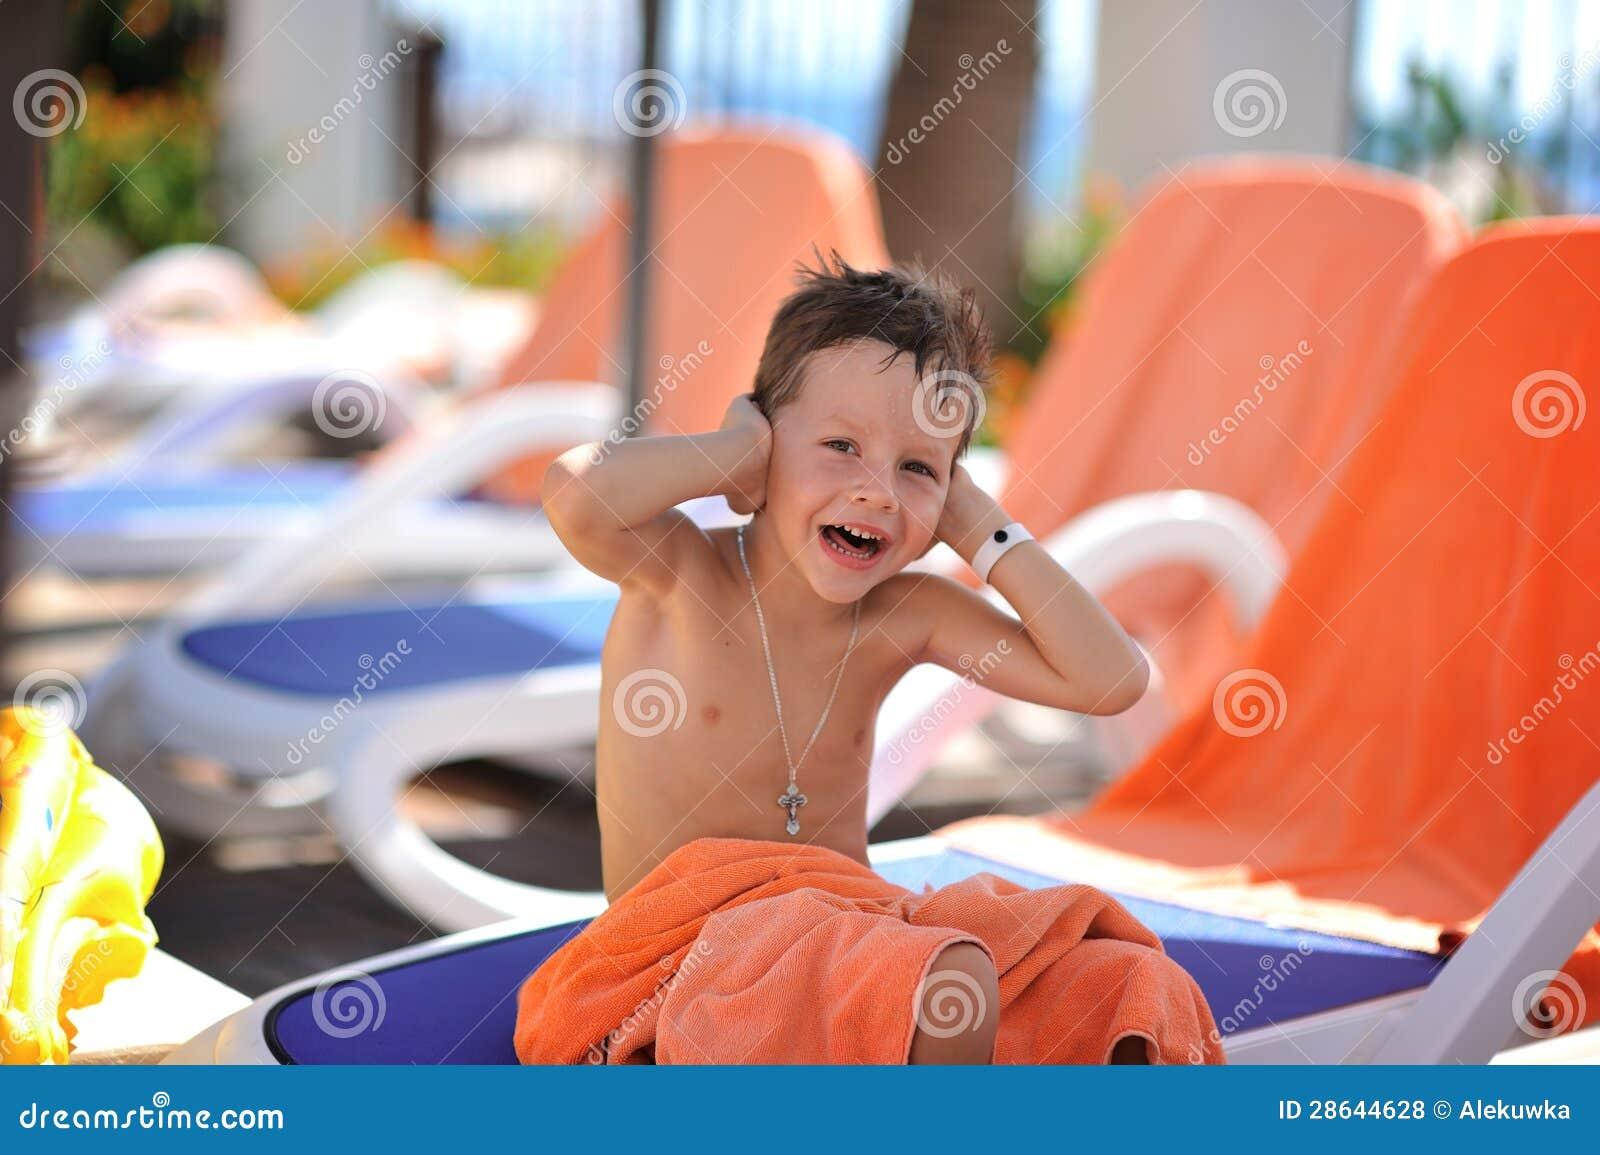 С мальчиком у бассейна 10 фотография